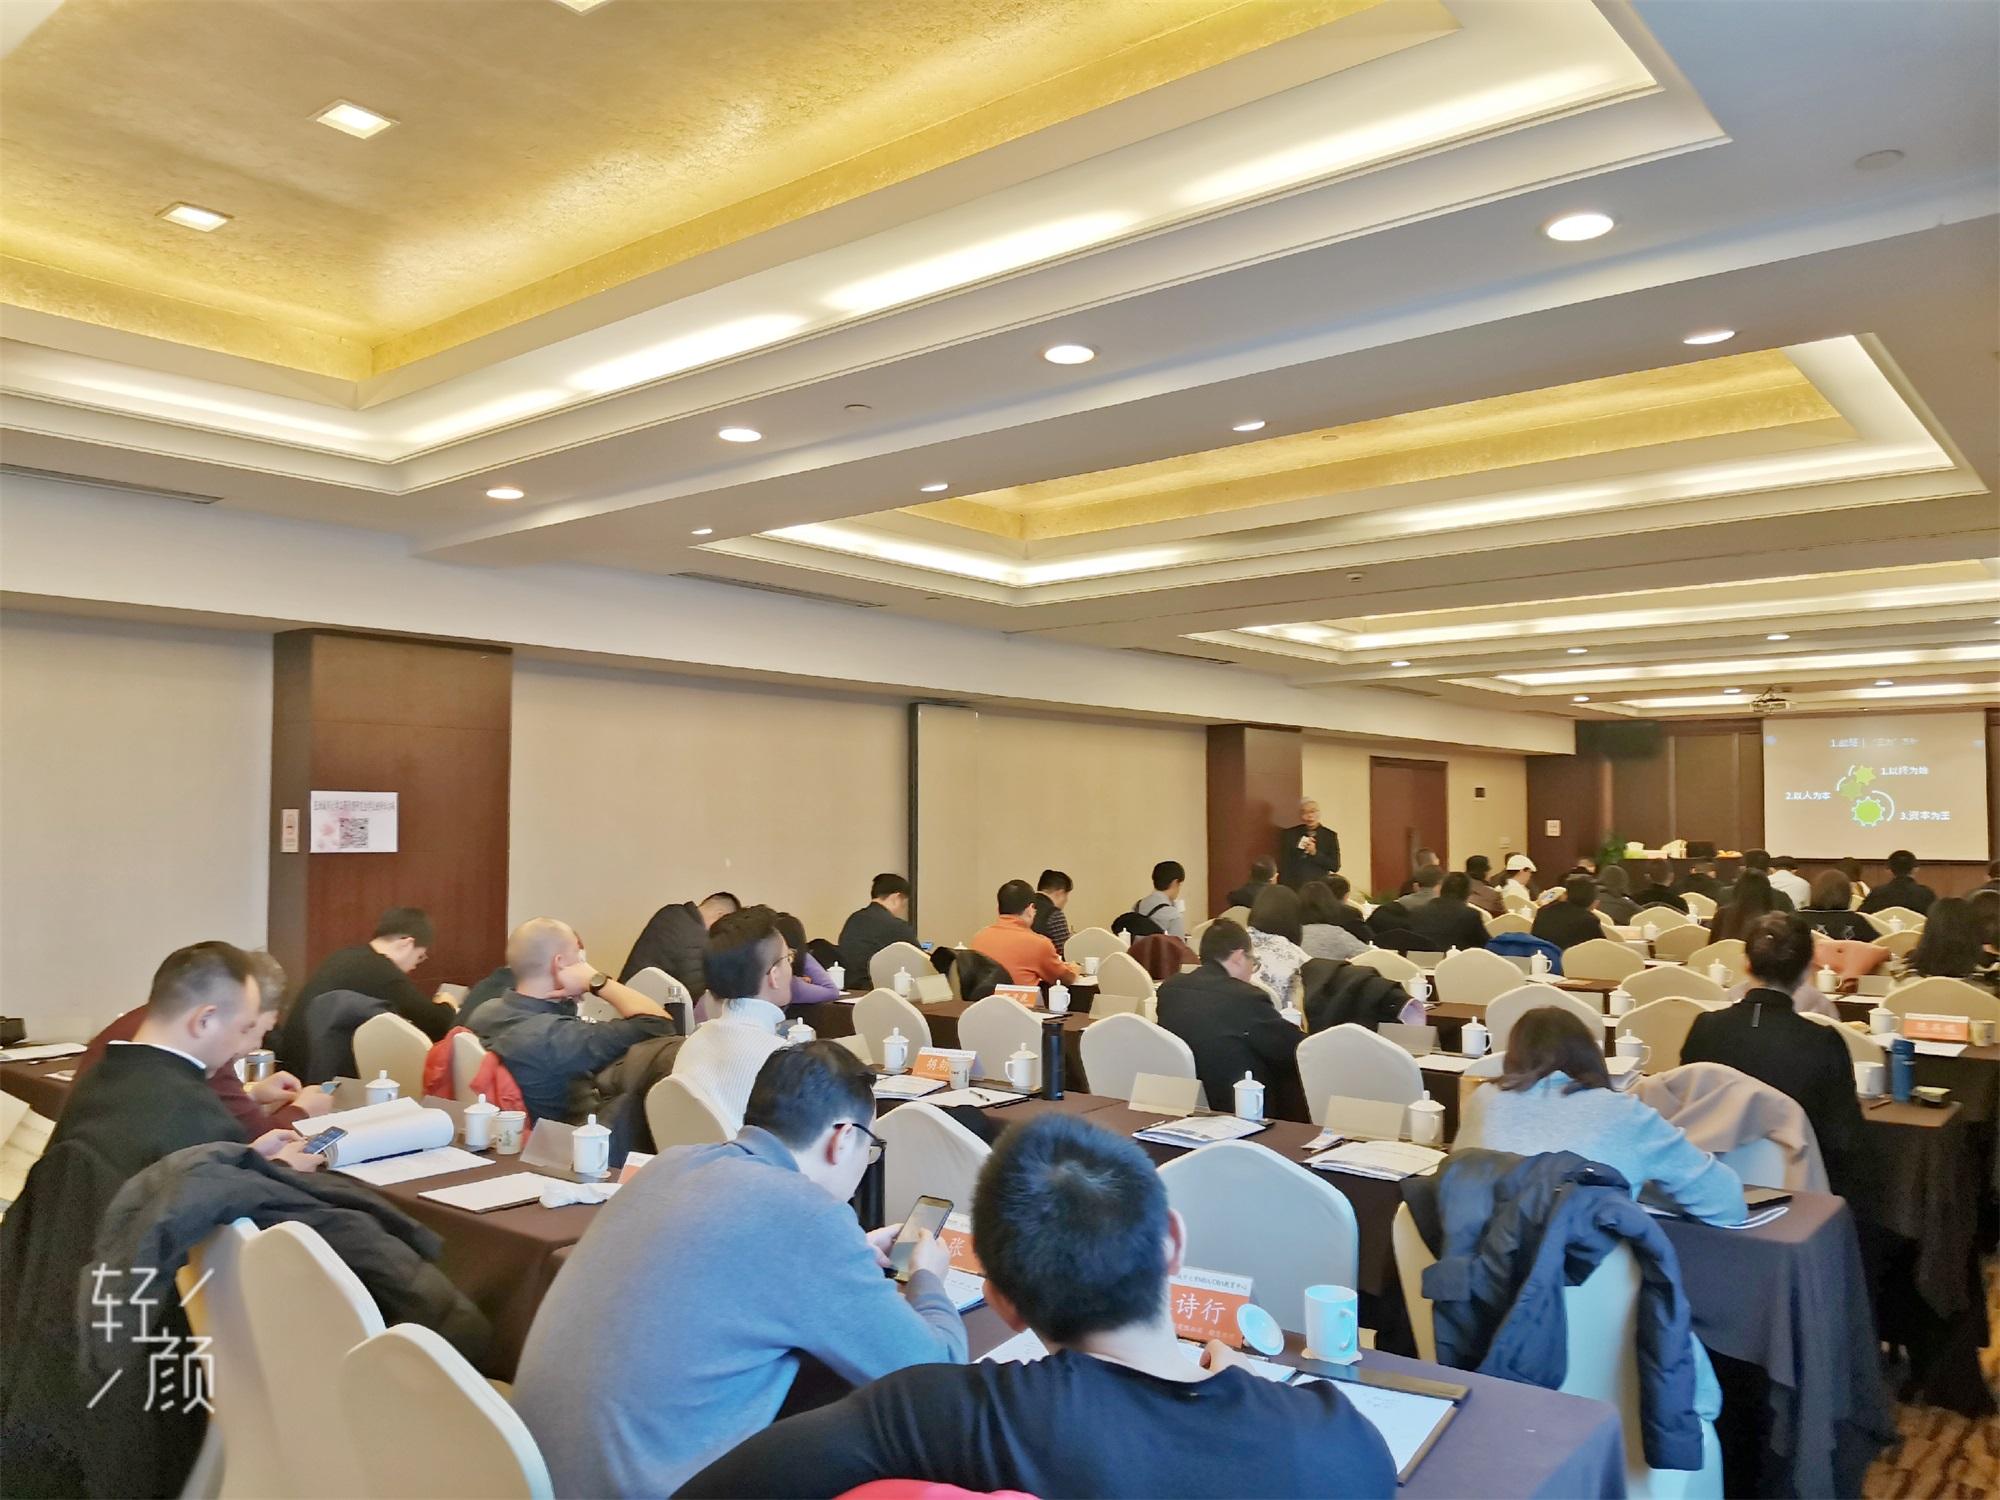 南孔教育 亚洲城市大学MBA学位班《移动互联网时代下的整合营销》课程回顾